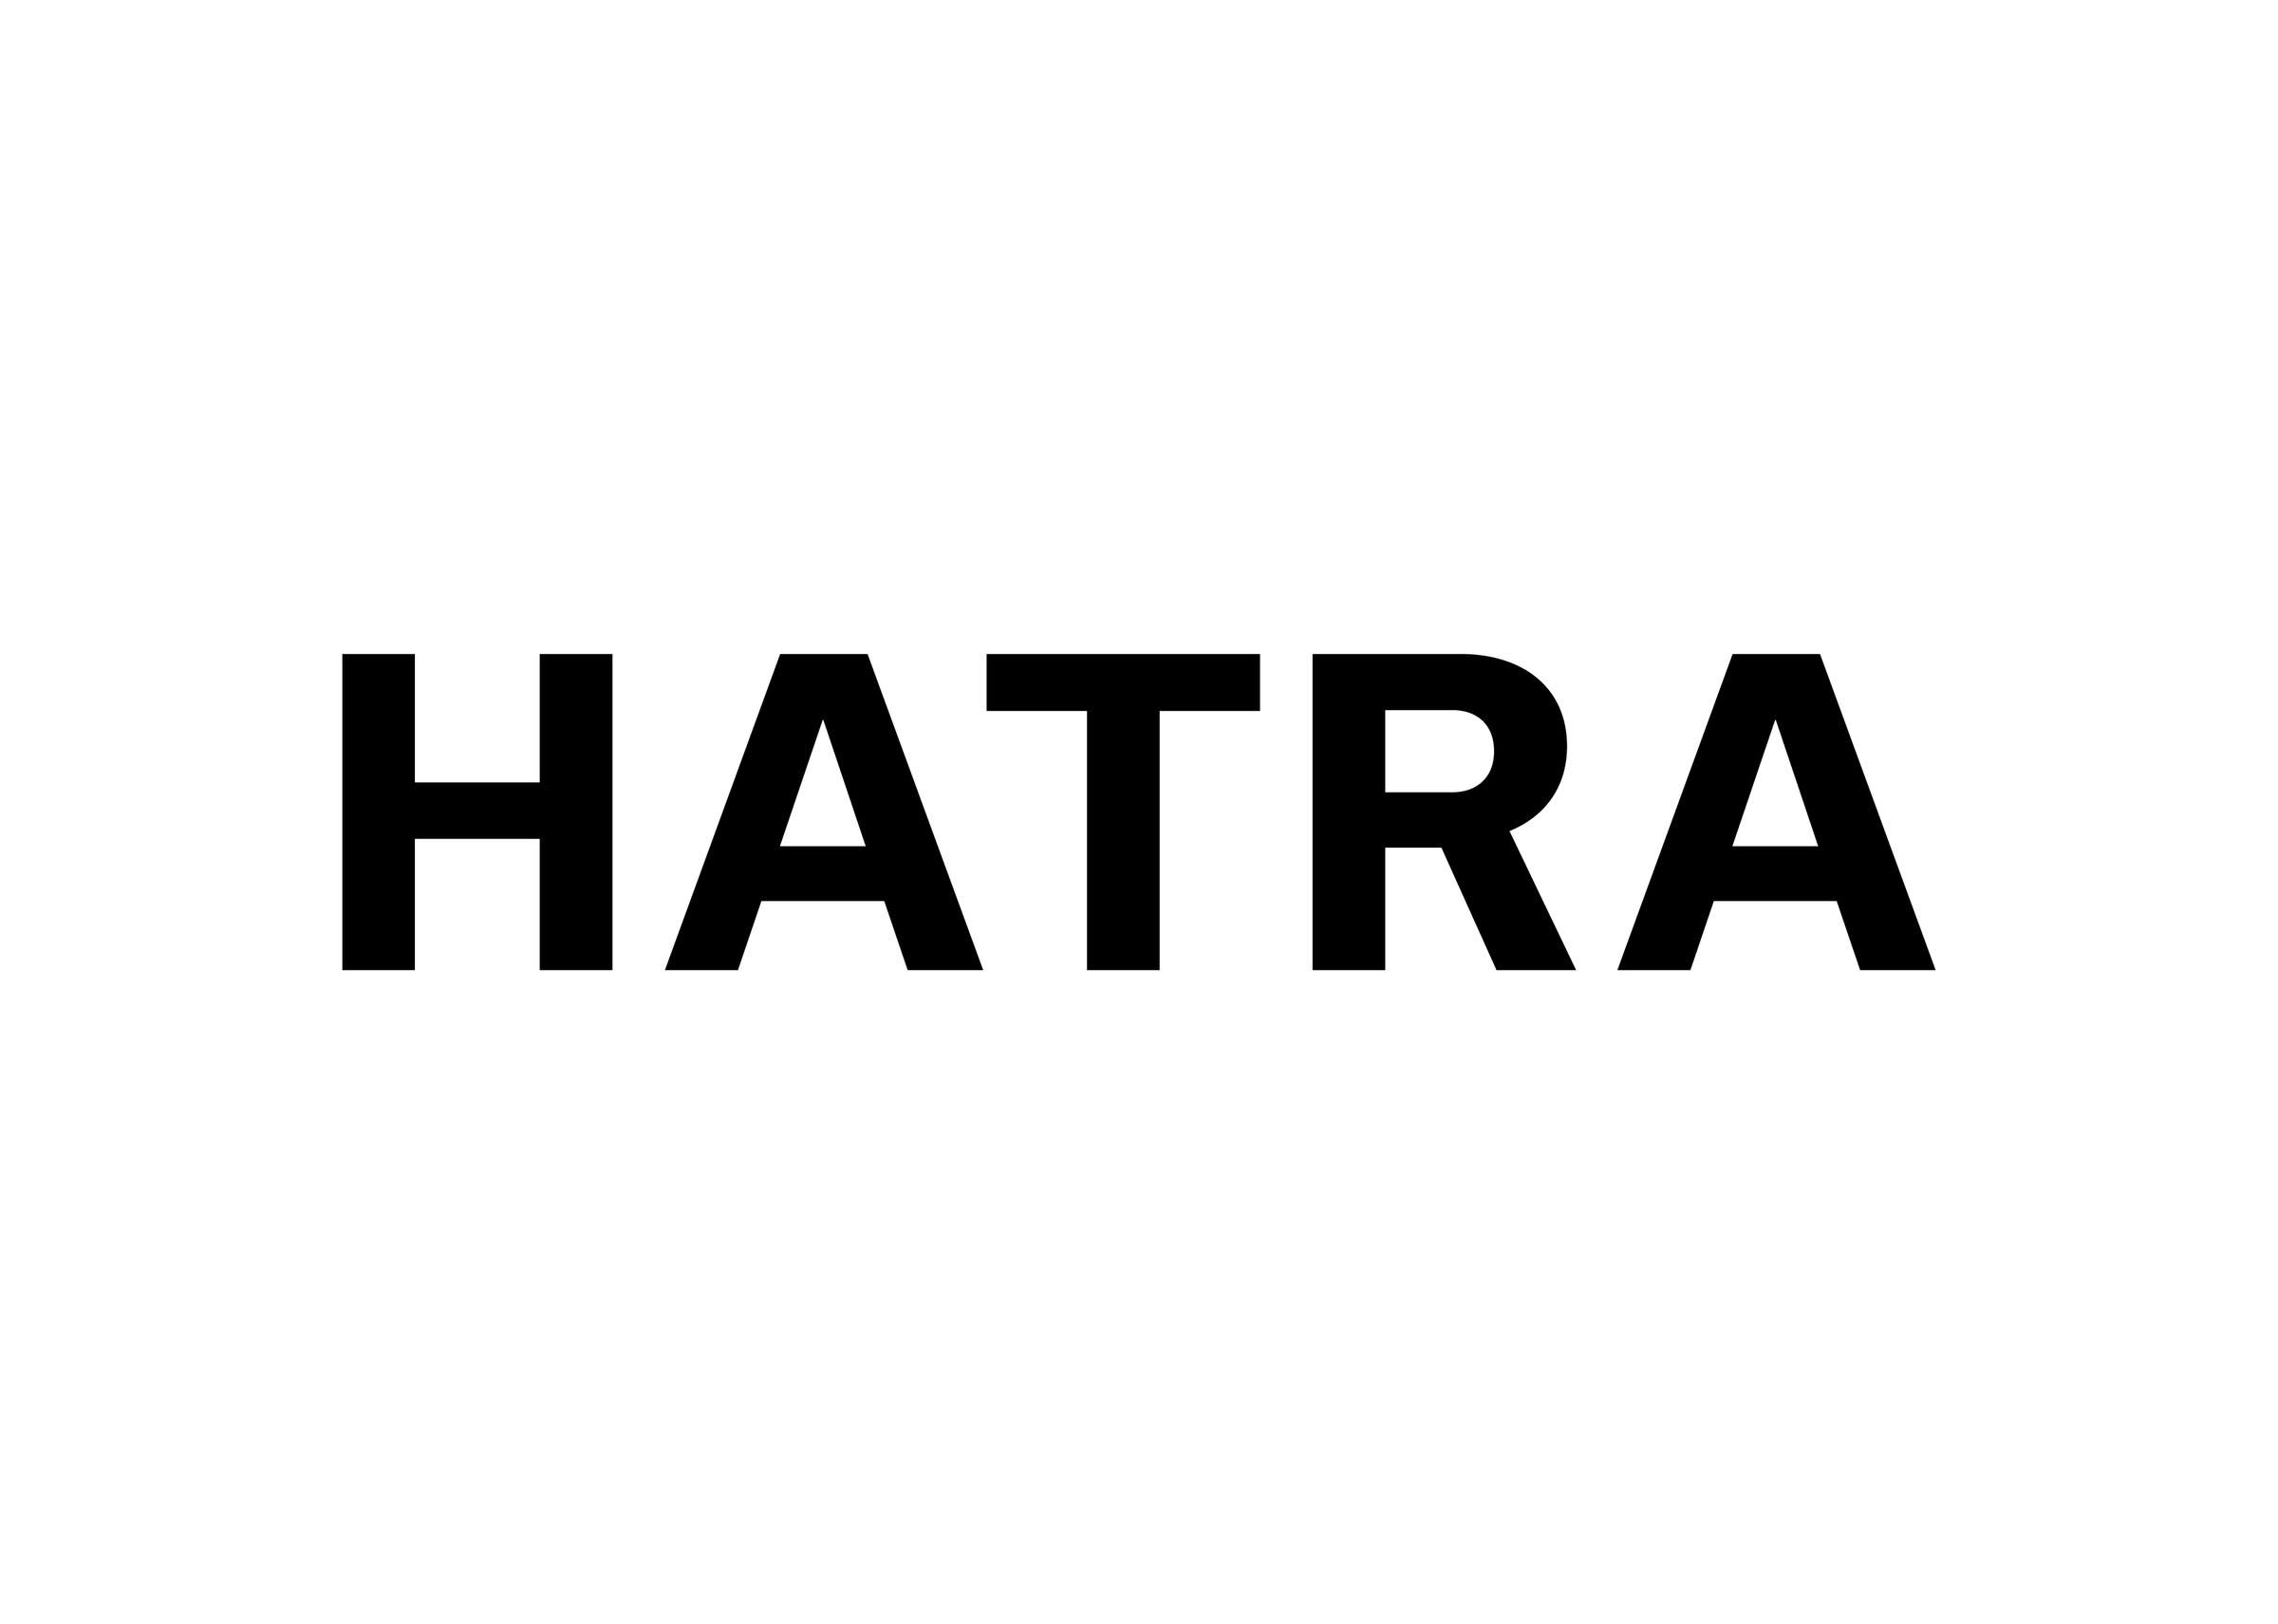 HATRAのロゴ